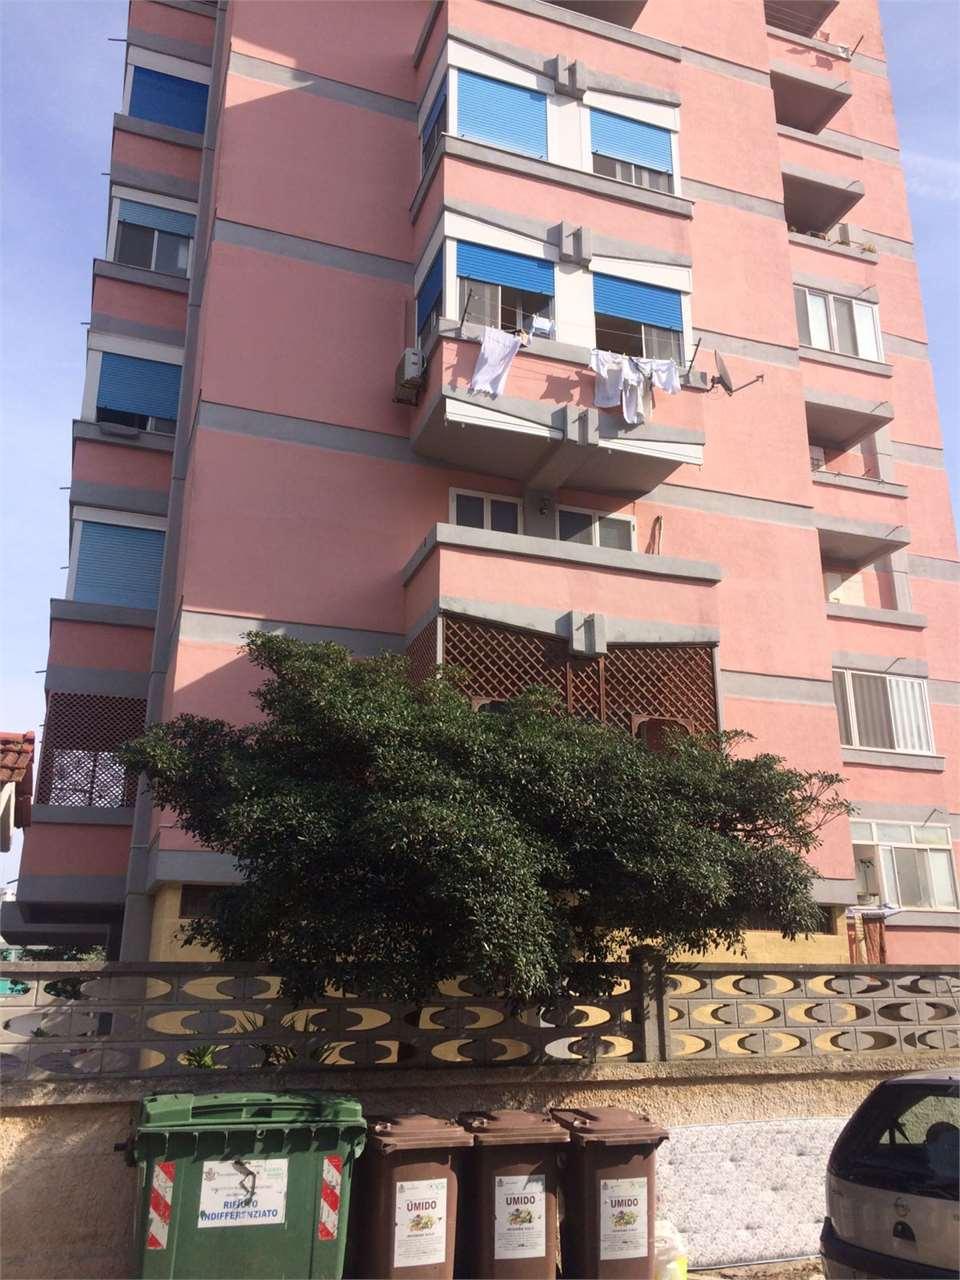 vendita appartamento brindisi villaggio s. paolo Piazza Righi 90000 euro  4 locali  106 mq